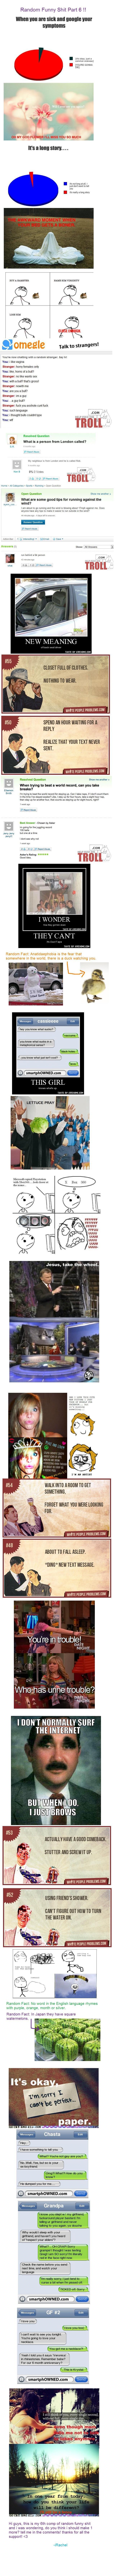 Random Funny Shit part 6 !. part 7 funnyjunk.com/funny_pictures/2308340/Random+funny+shit+part+7/ part 3 funnyjunk.com/funny_pictures/2298988/Random+funny+shit+